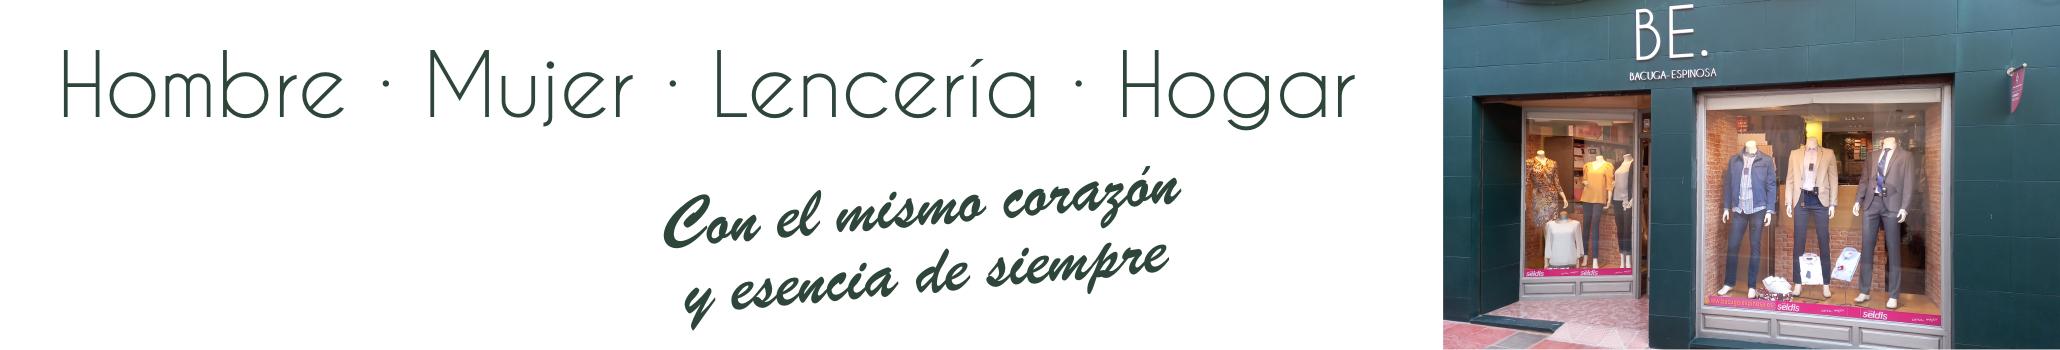 Bacuga-Espinosa